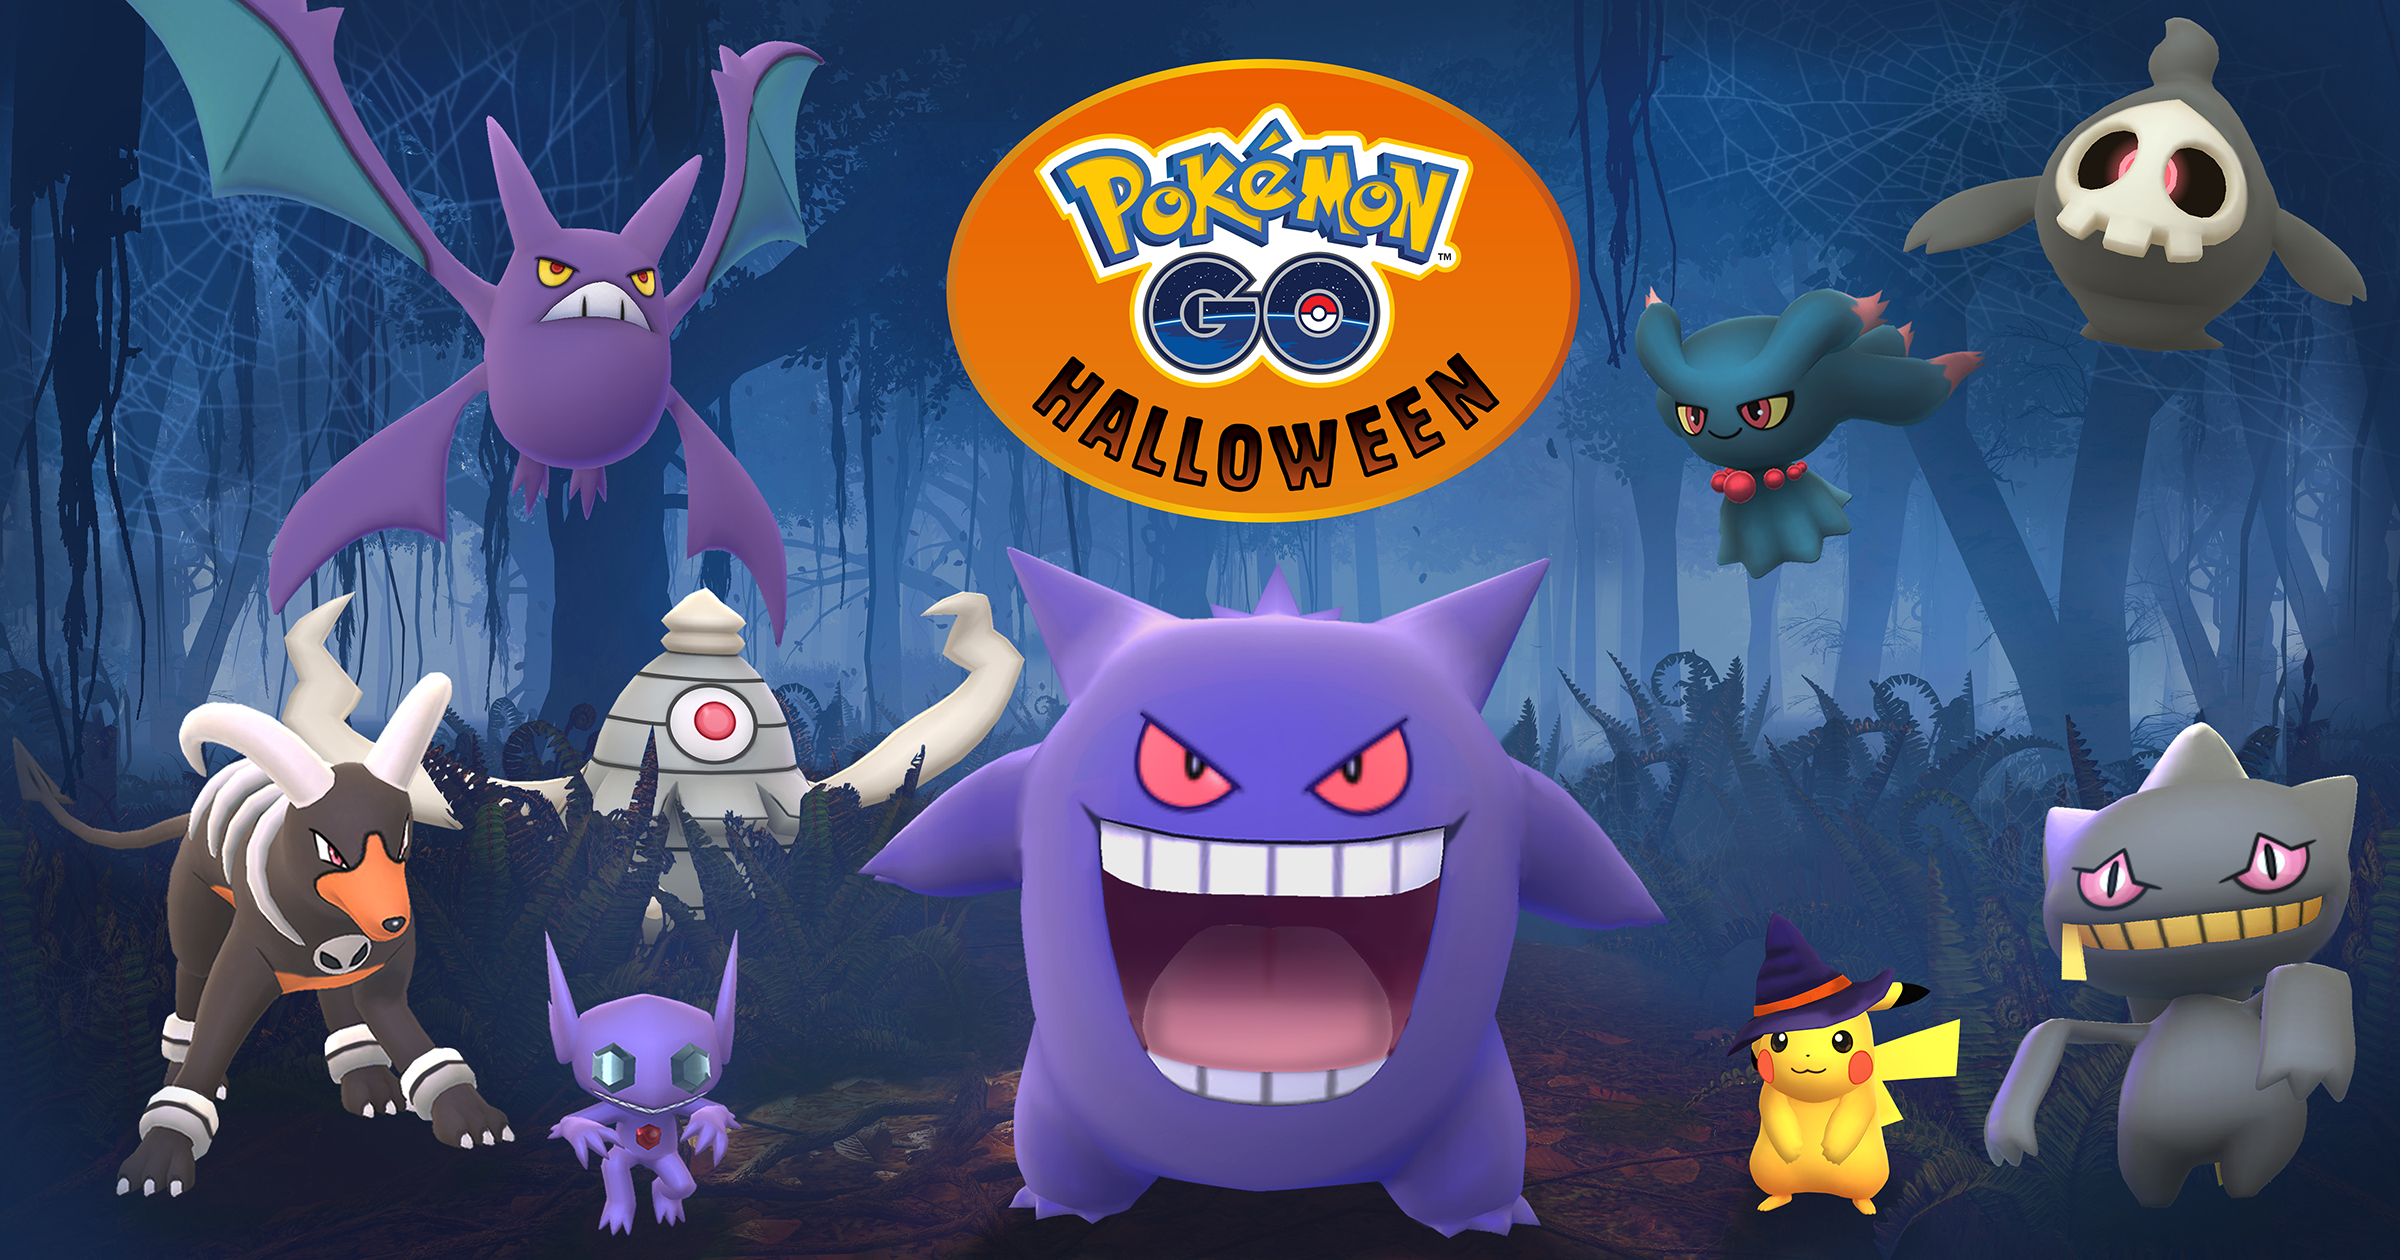 pokémon go』ゲーム内におけるハロウィンイベントを実施 - niantic